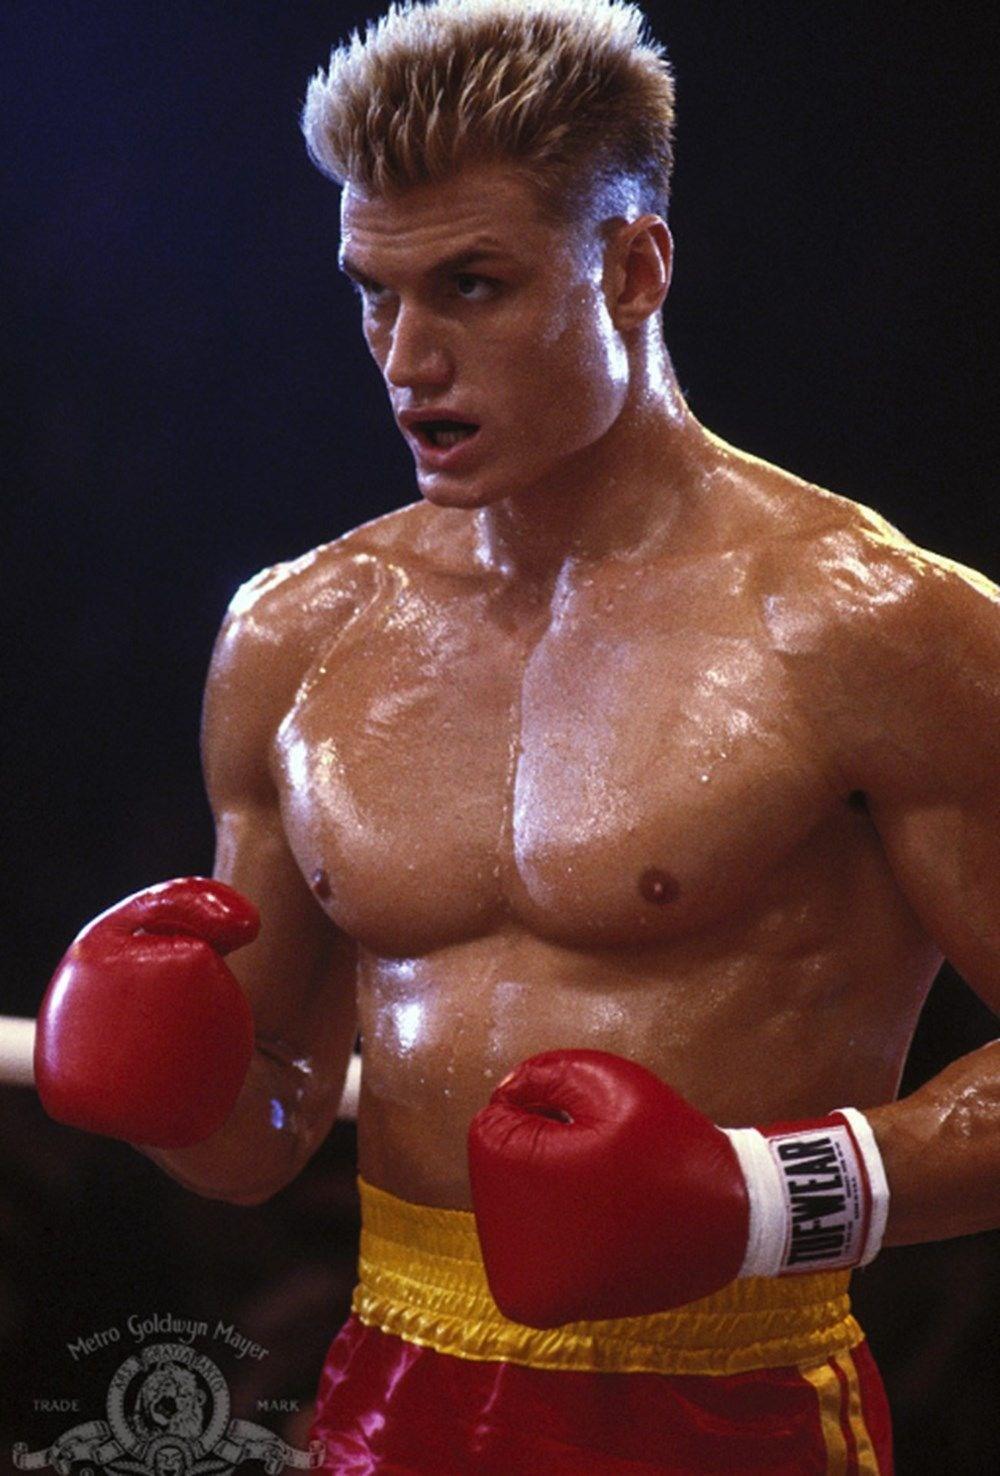 Rocky filminin yıldızı Dolph Lundgren 38 yaş küçük nişanlısıyla tatilde - 4